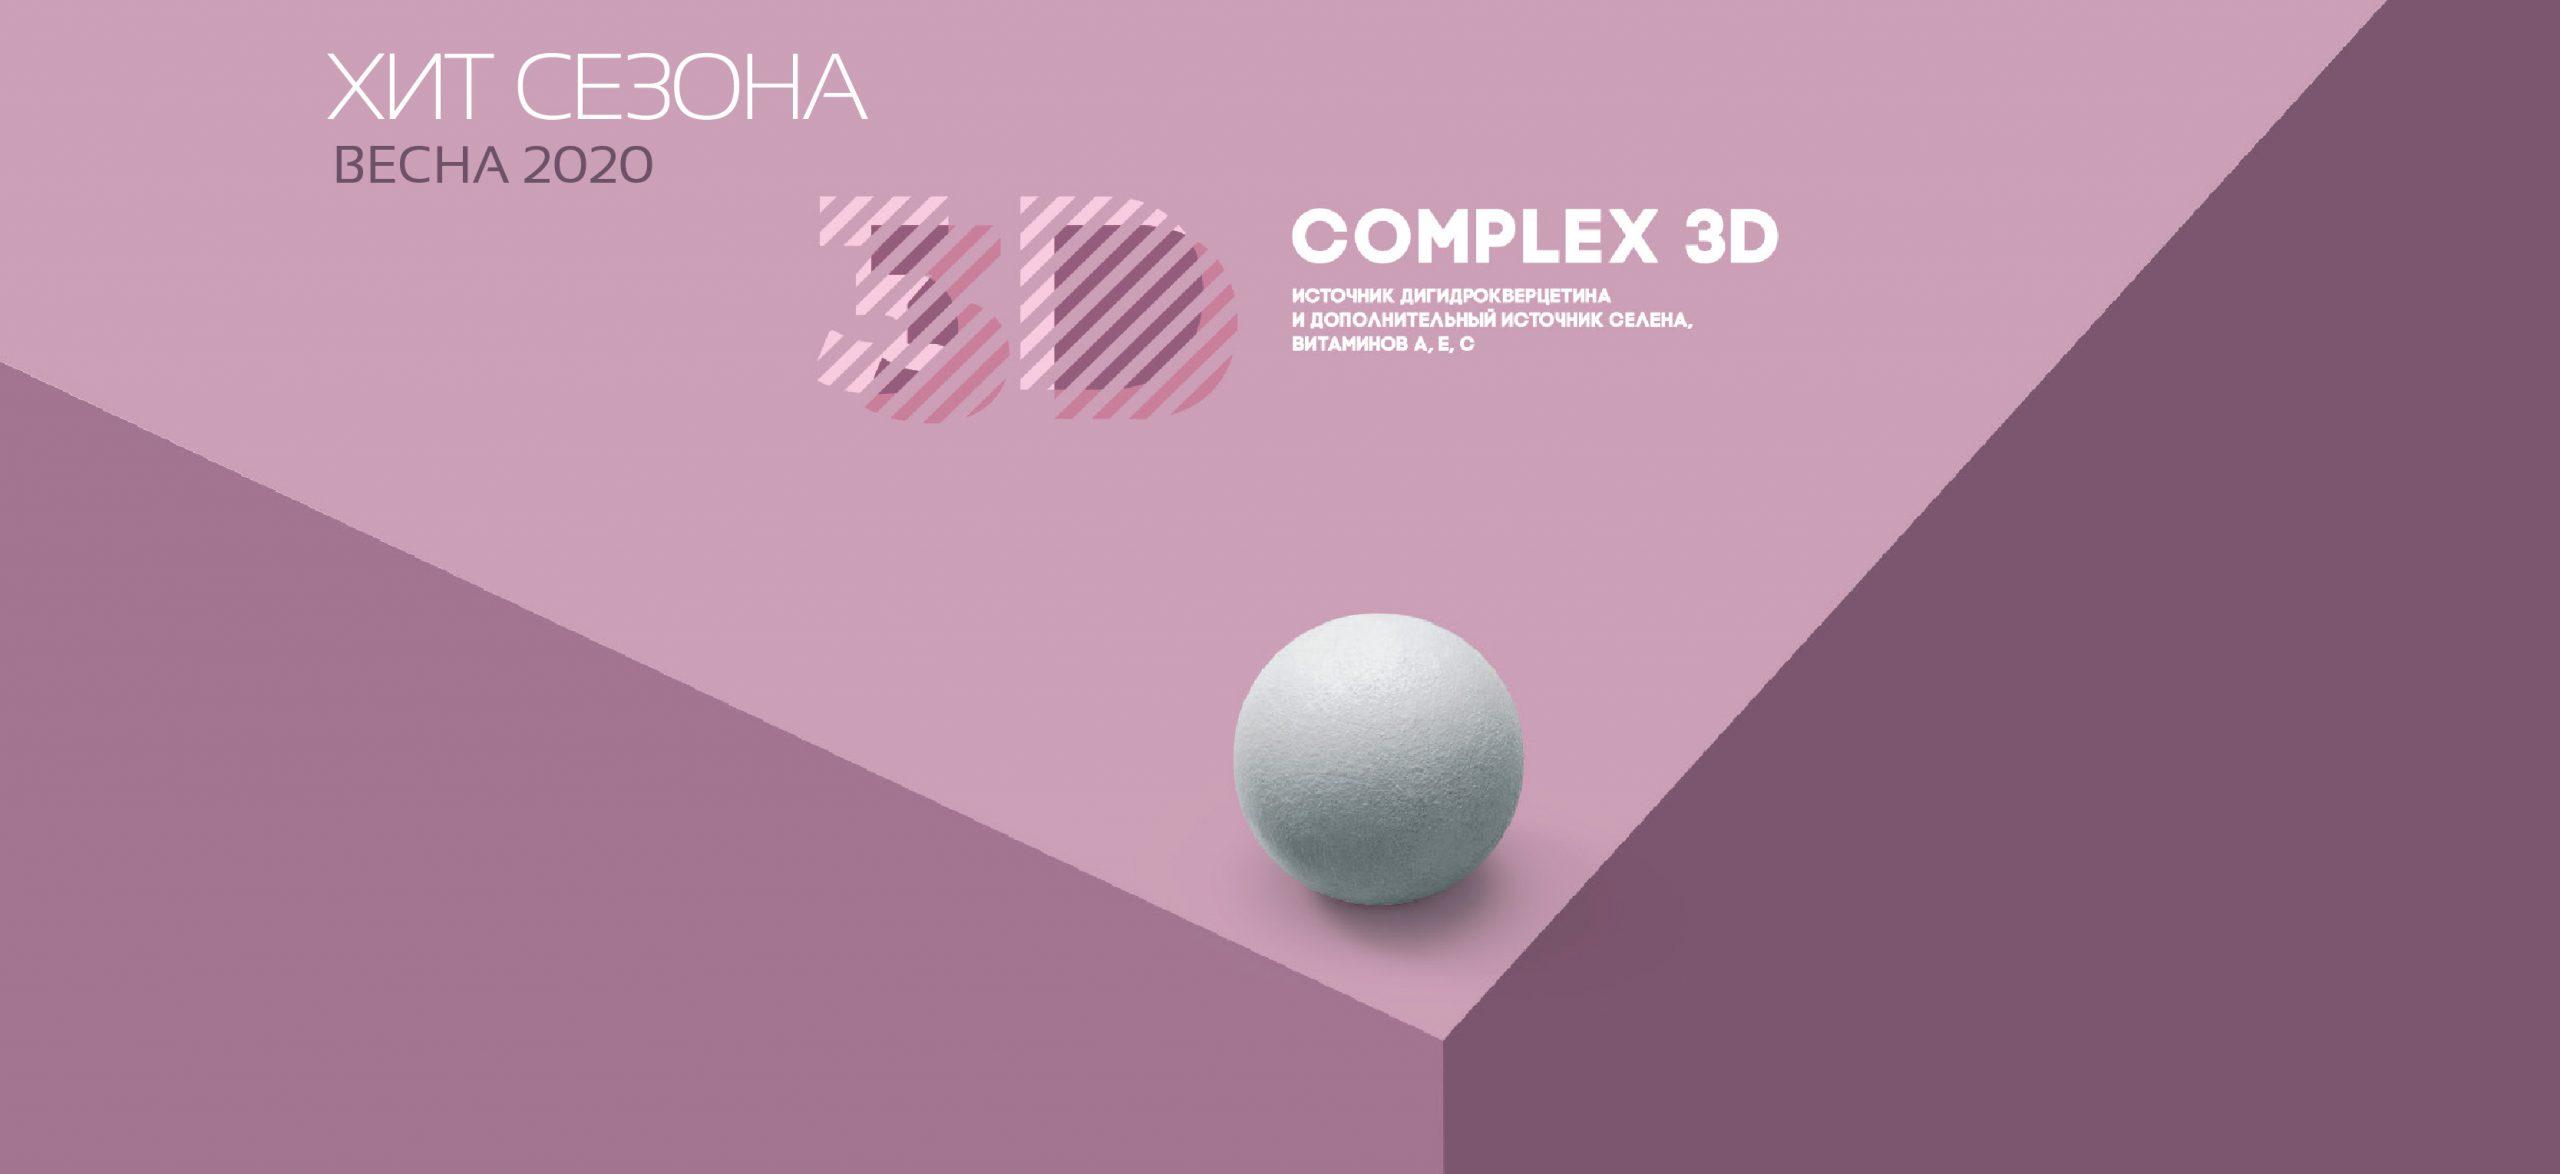 Хит сезона «Весна 2020» Комплекс 3D — антиоксидантная защита и поддержка иммунитета